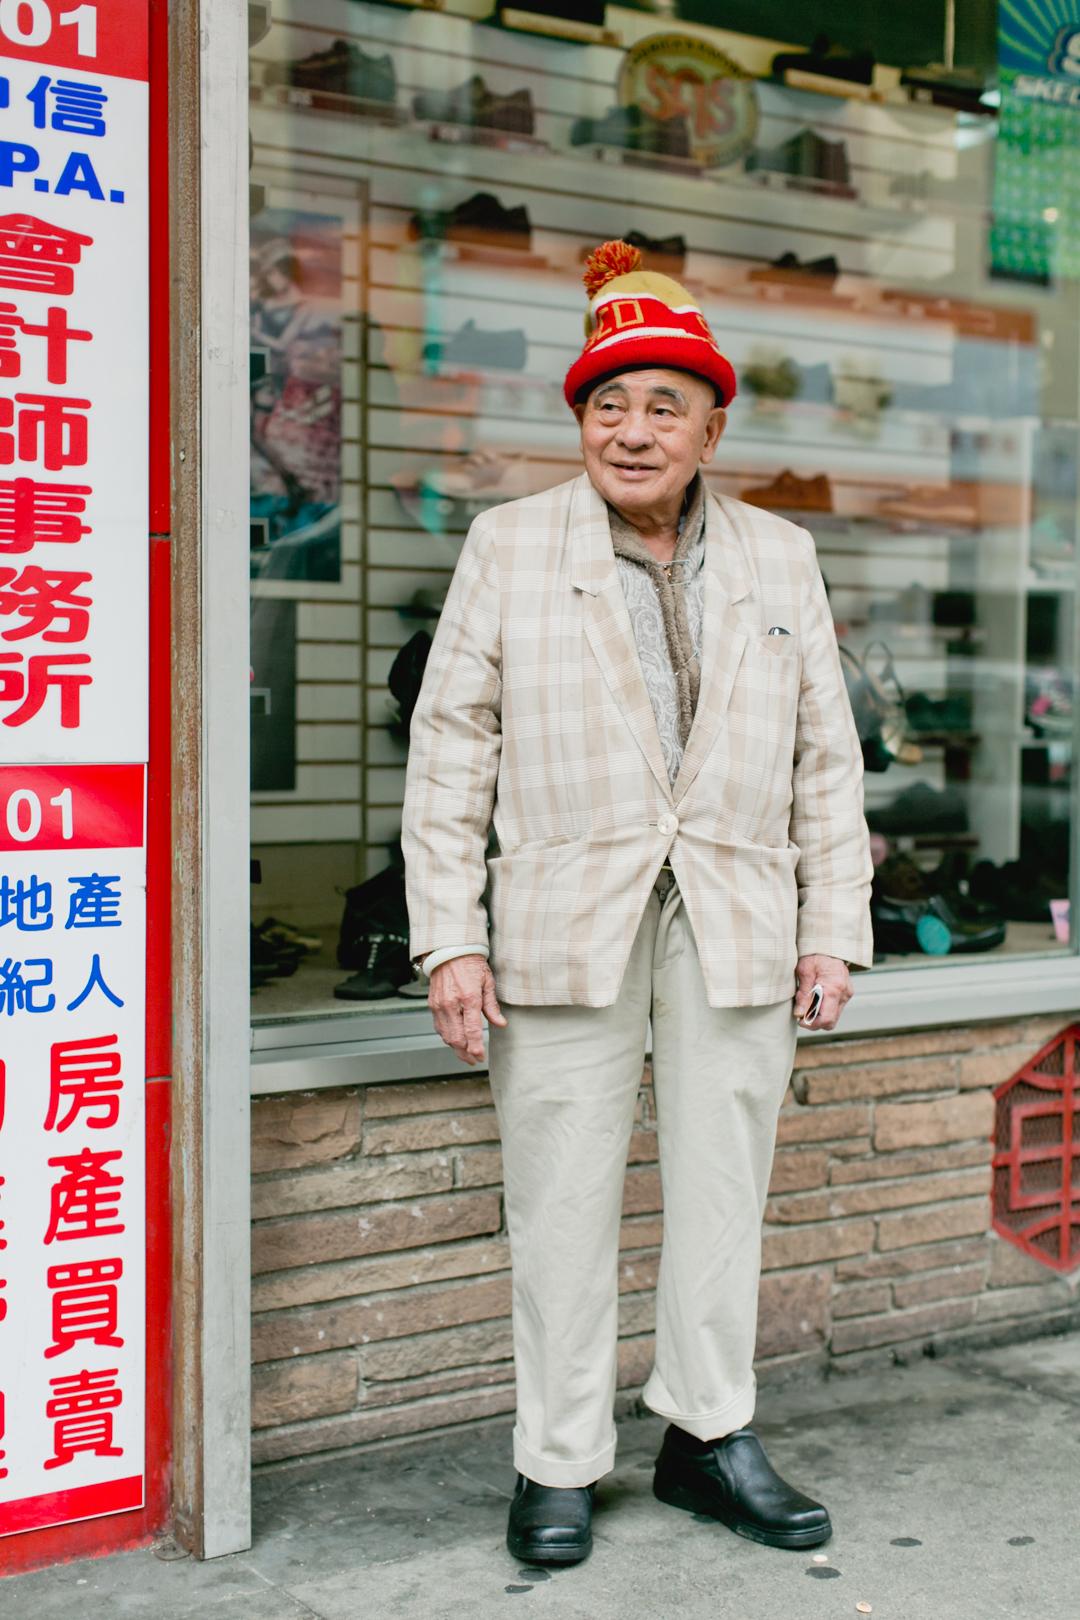 Chinatown Pretty 2